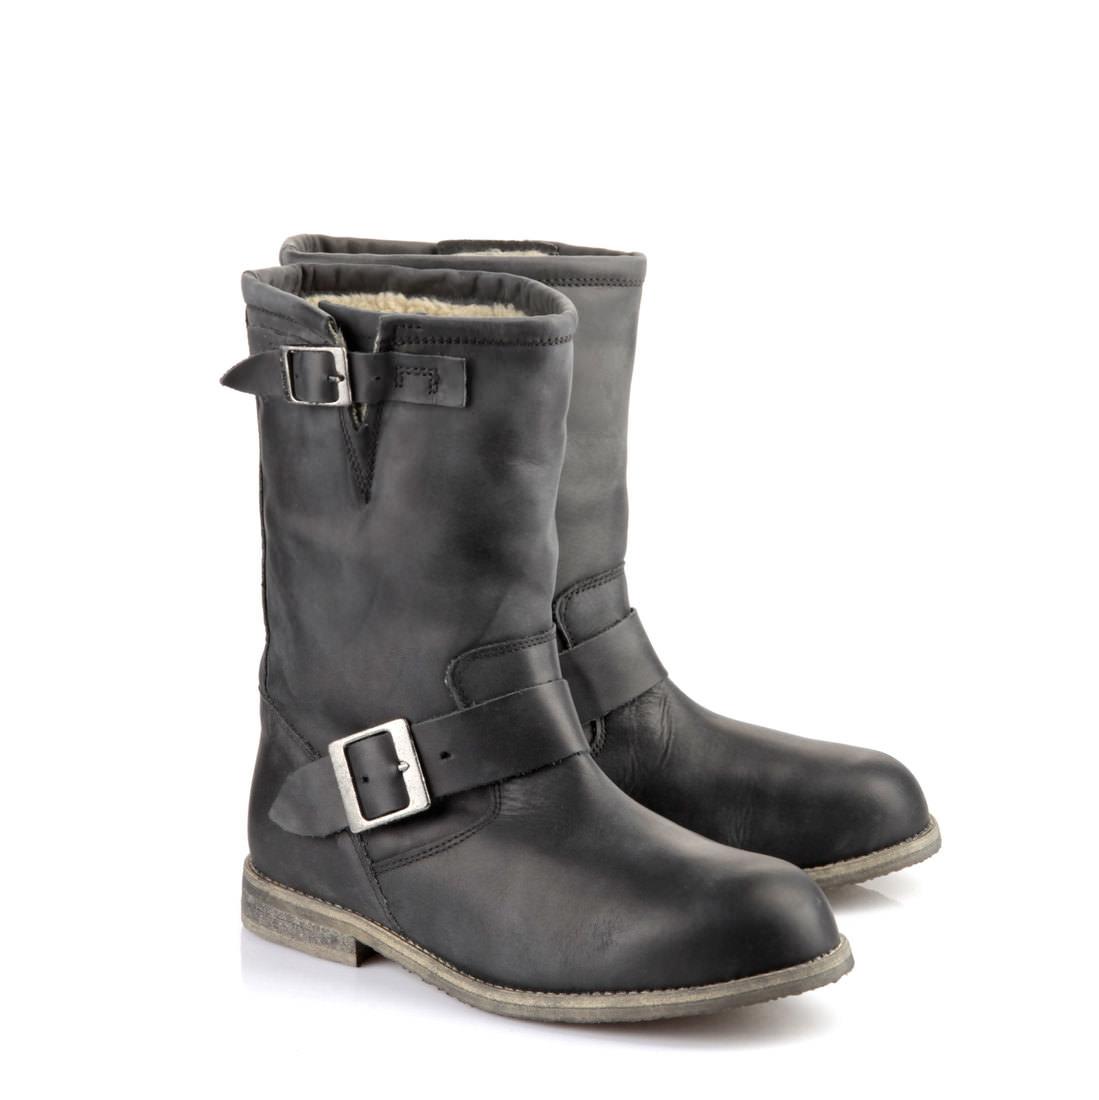 f03f65a8161f Gefütterte Buffalo Biker-Boots in schwarz online kaufen   BUFFALO®